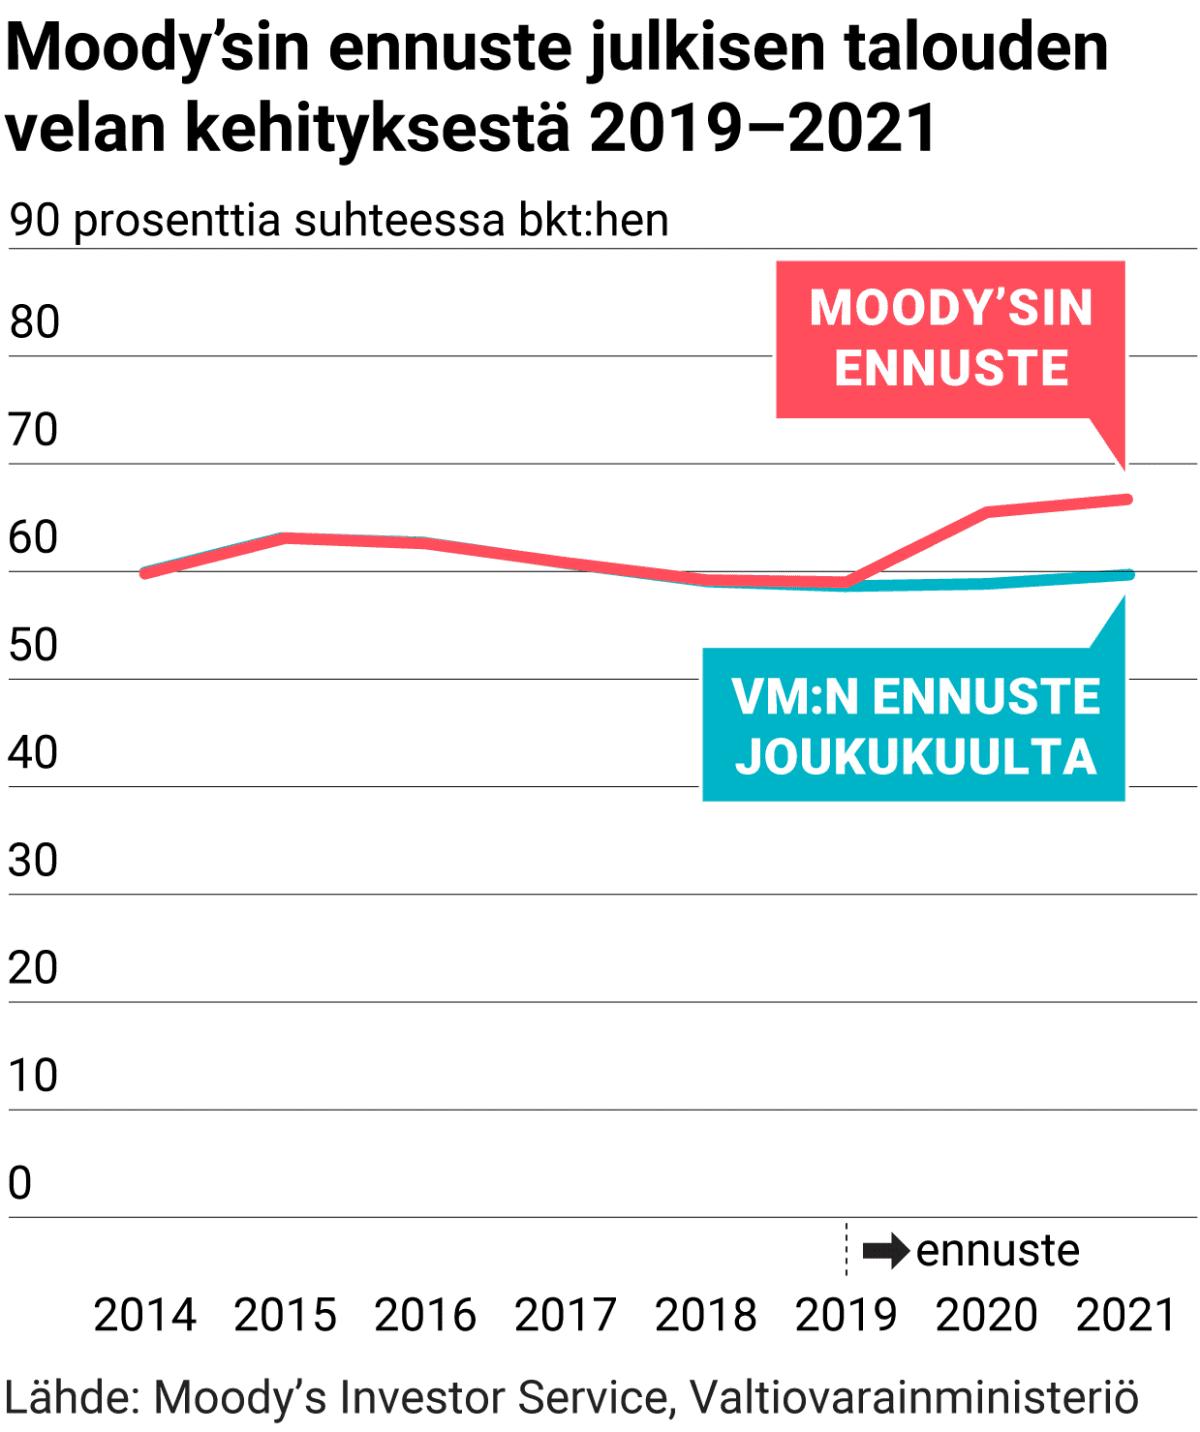 Moody'sin ennuste julkisen talouden velan kehityksestä 2019–2021